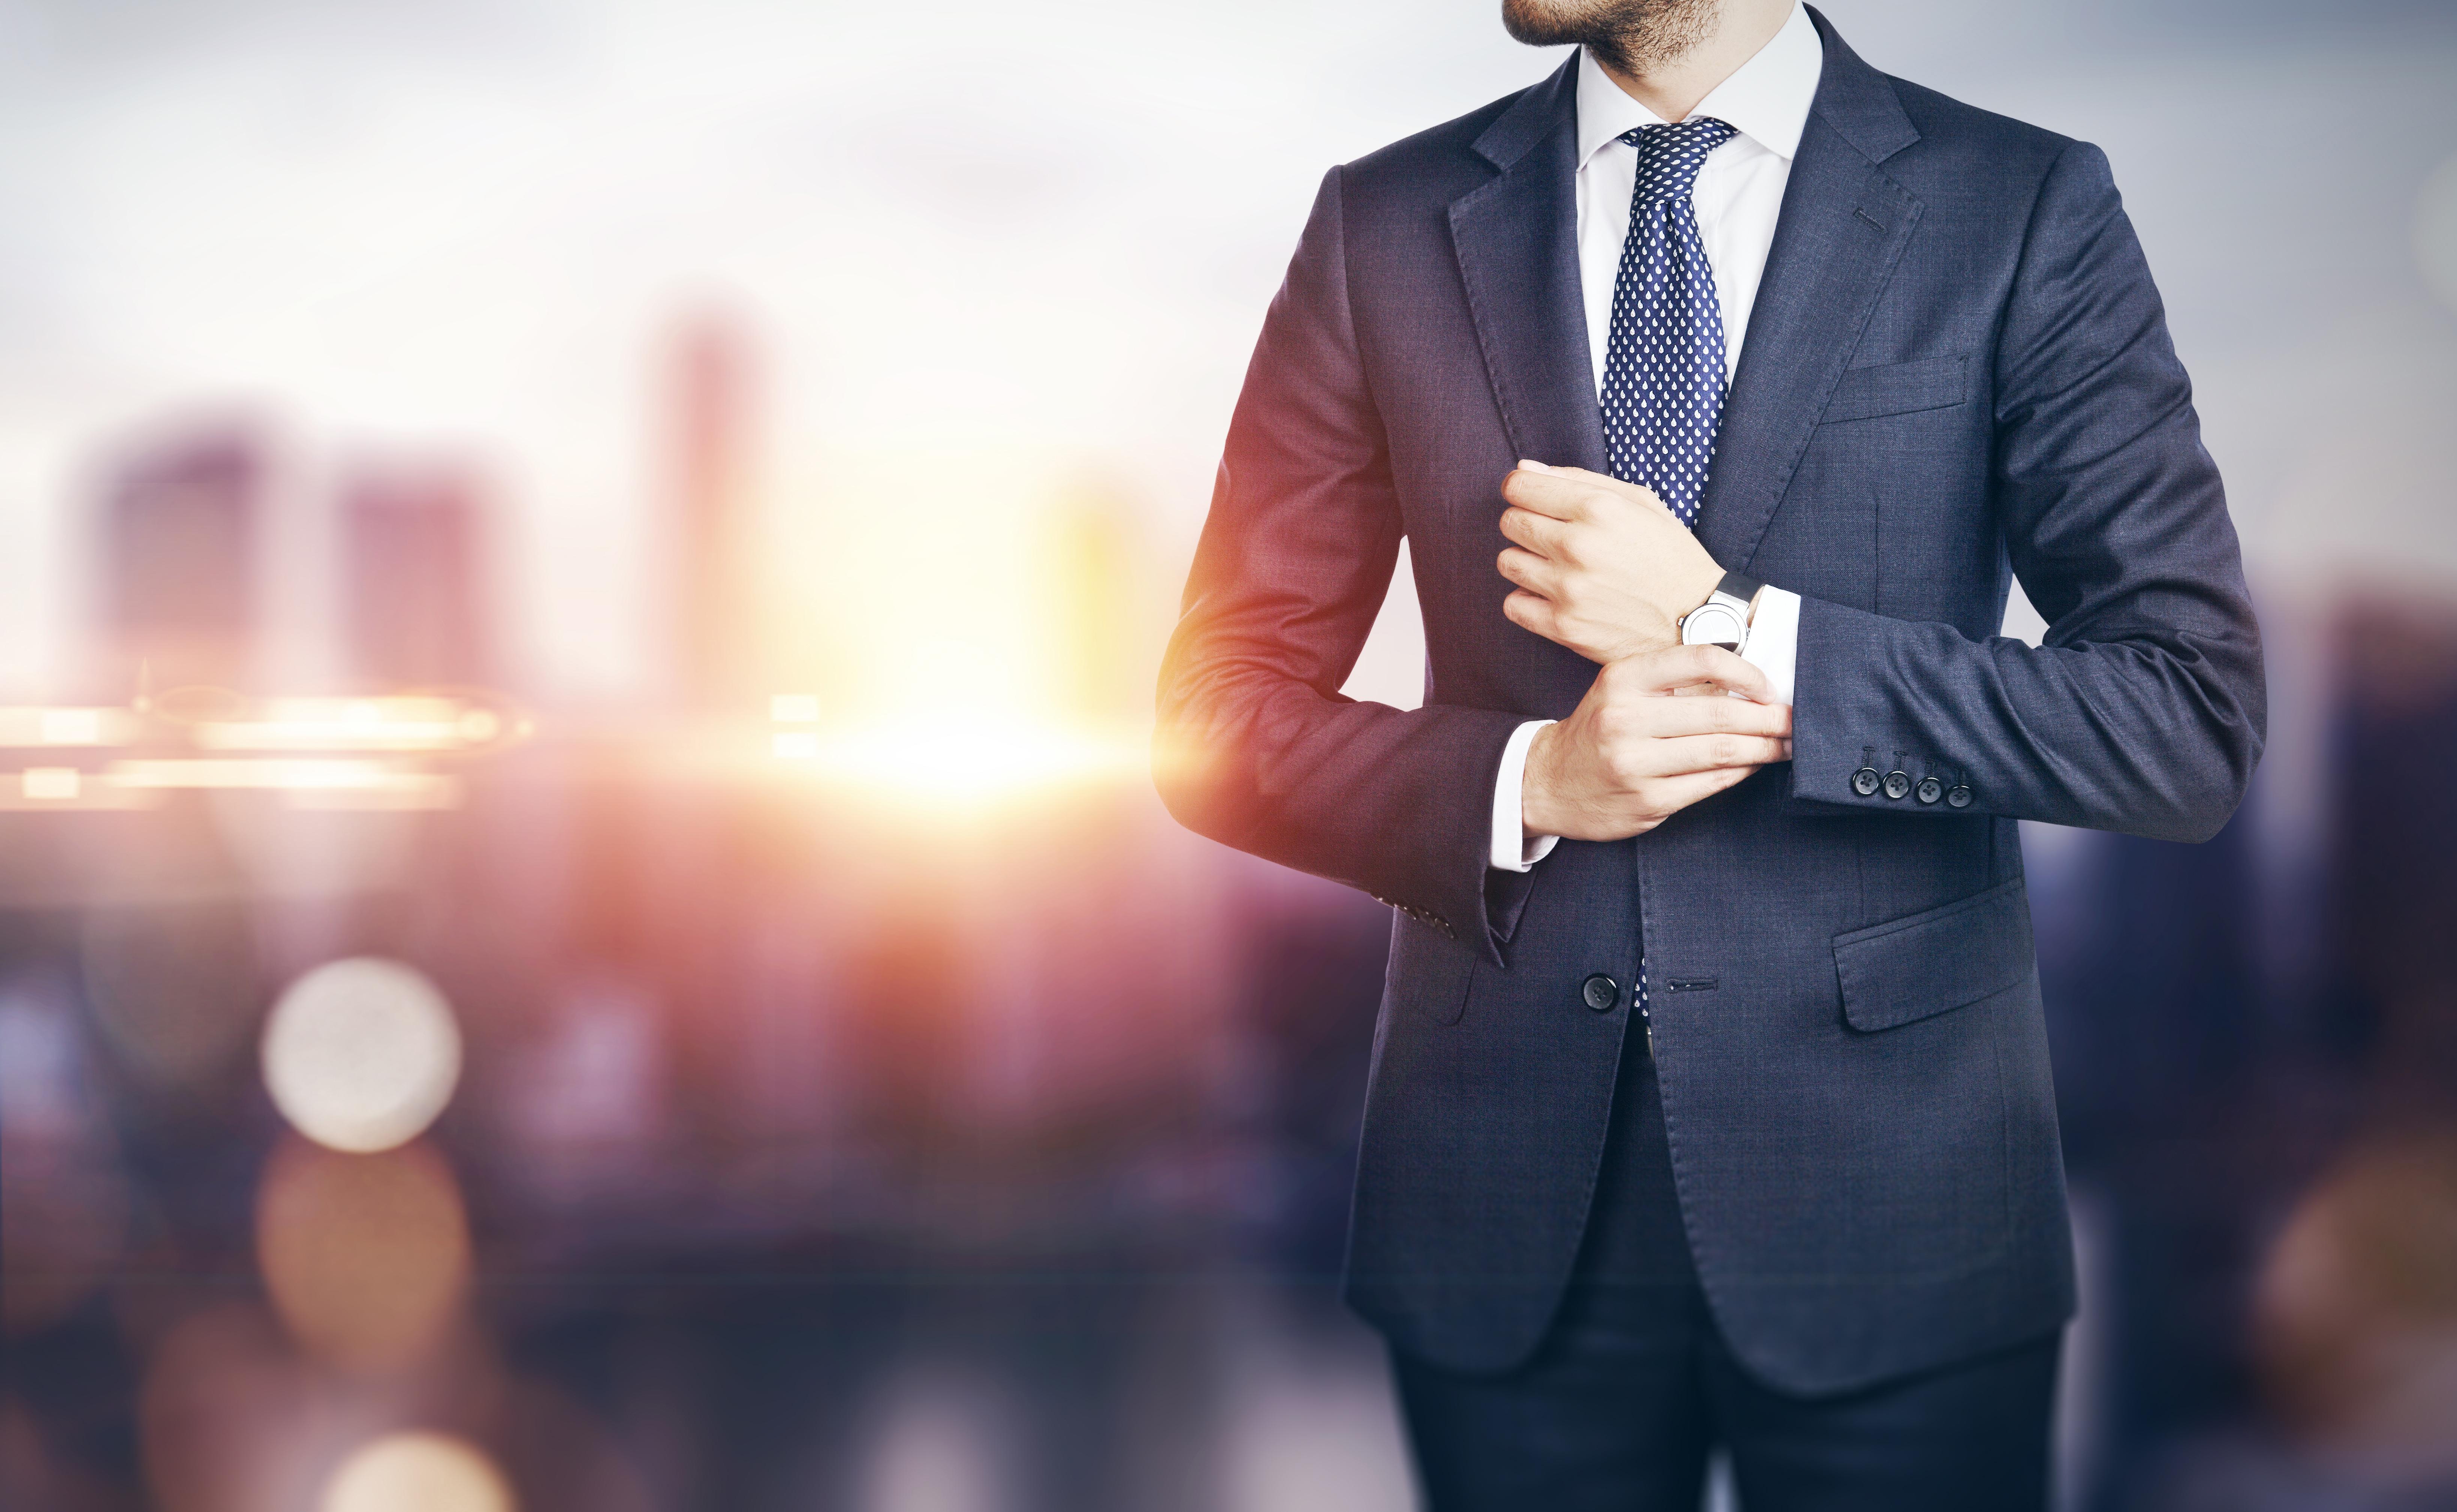 Бизнес как способ получить ВНЖ в Швейцарии для иностранца